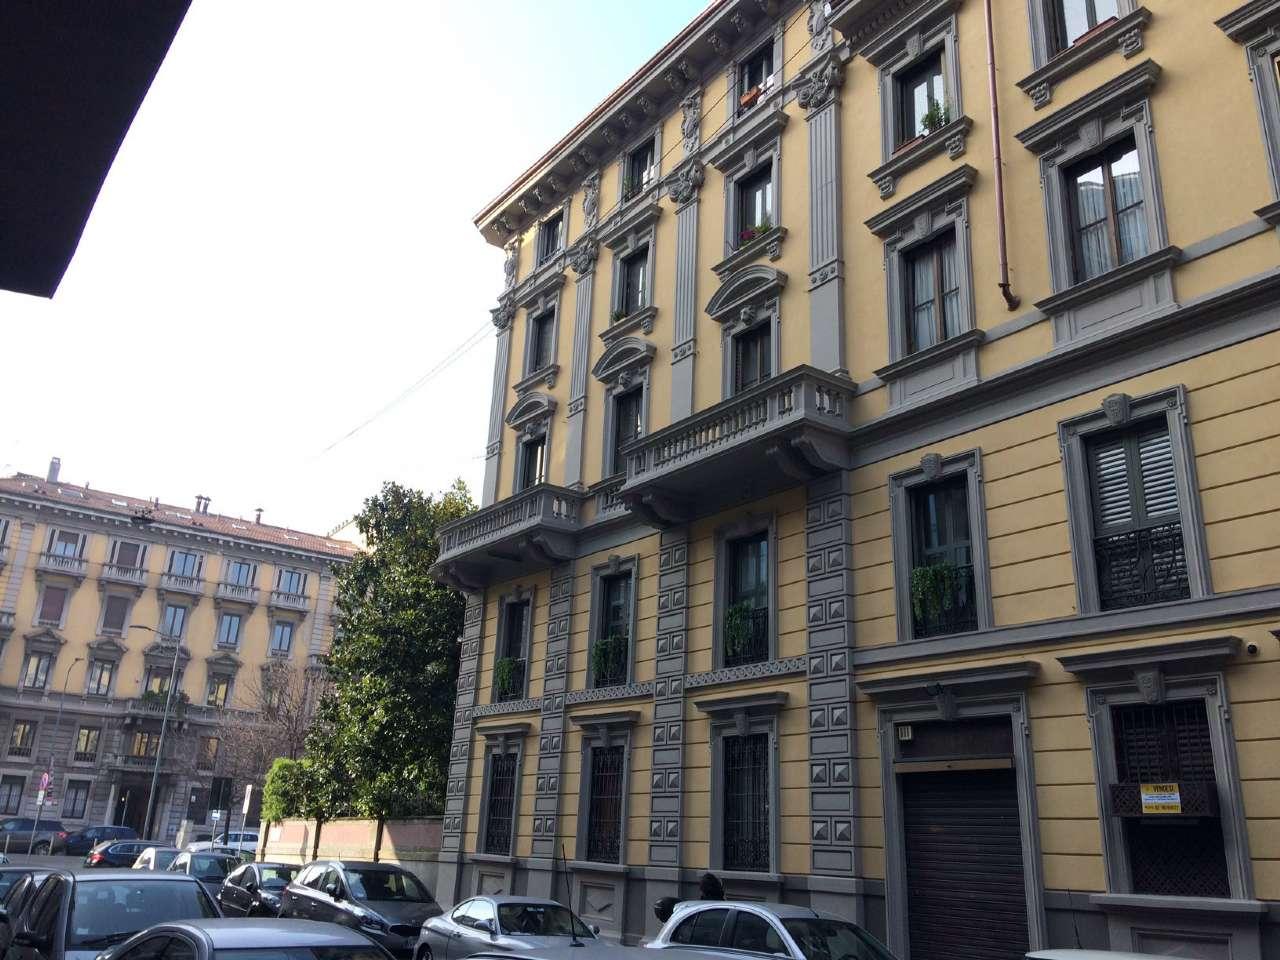 Appartamento in vendita a Milano, 3 locali, zona Zona: 4 . Buenos Aires, Indipendenza, P.ta Venezia, Regina Giovanna, Dateo, prezzo € 420.000 | Cambio Casa.it